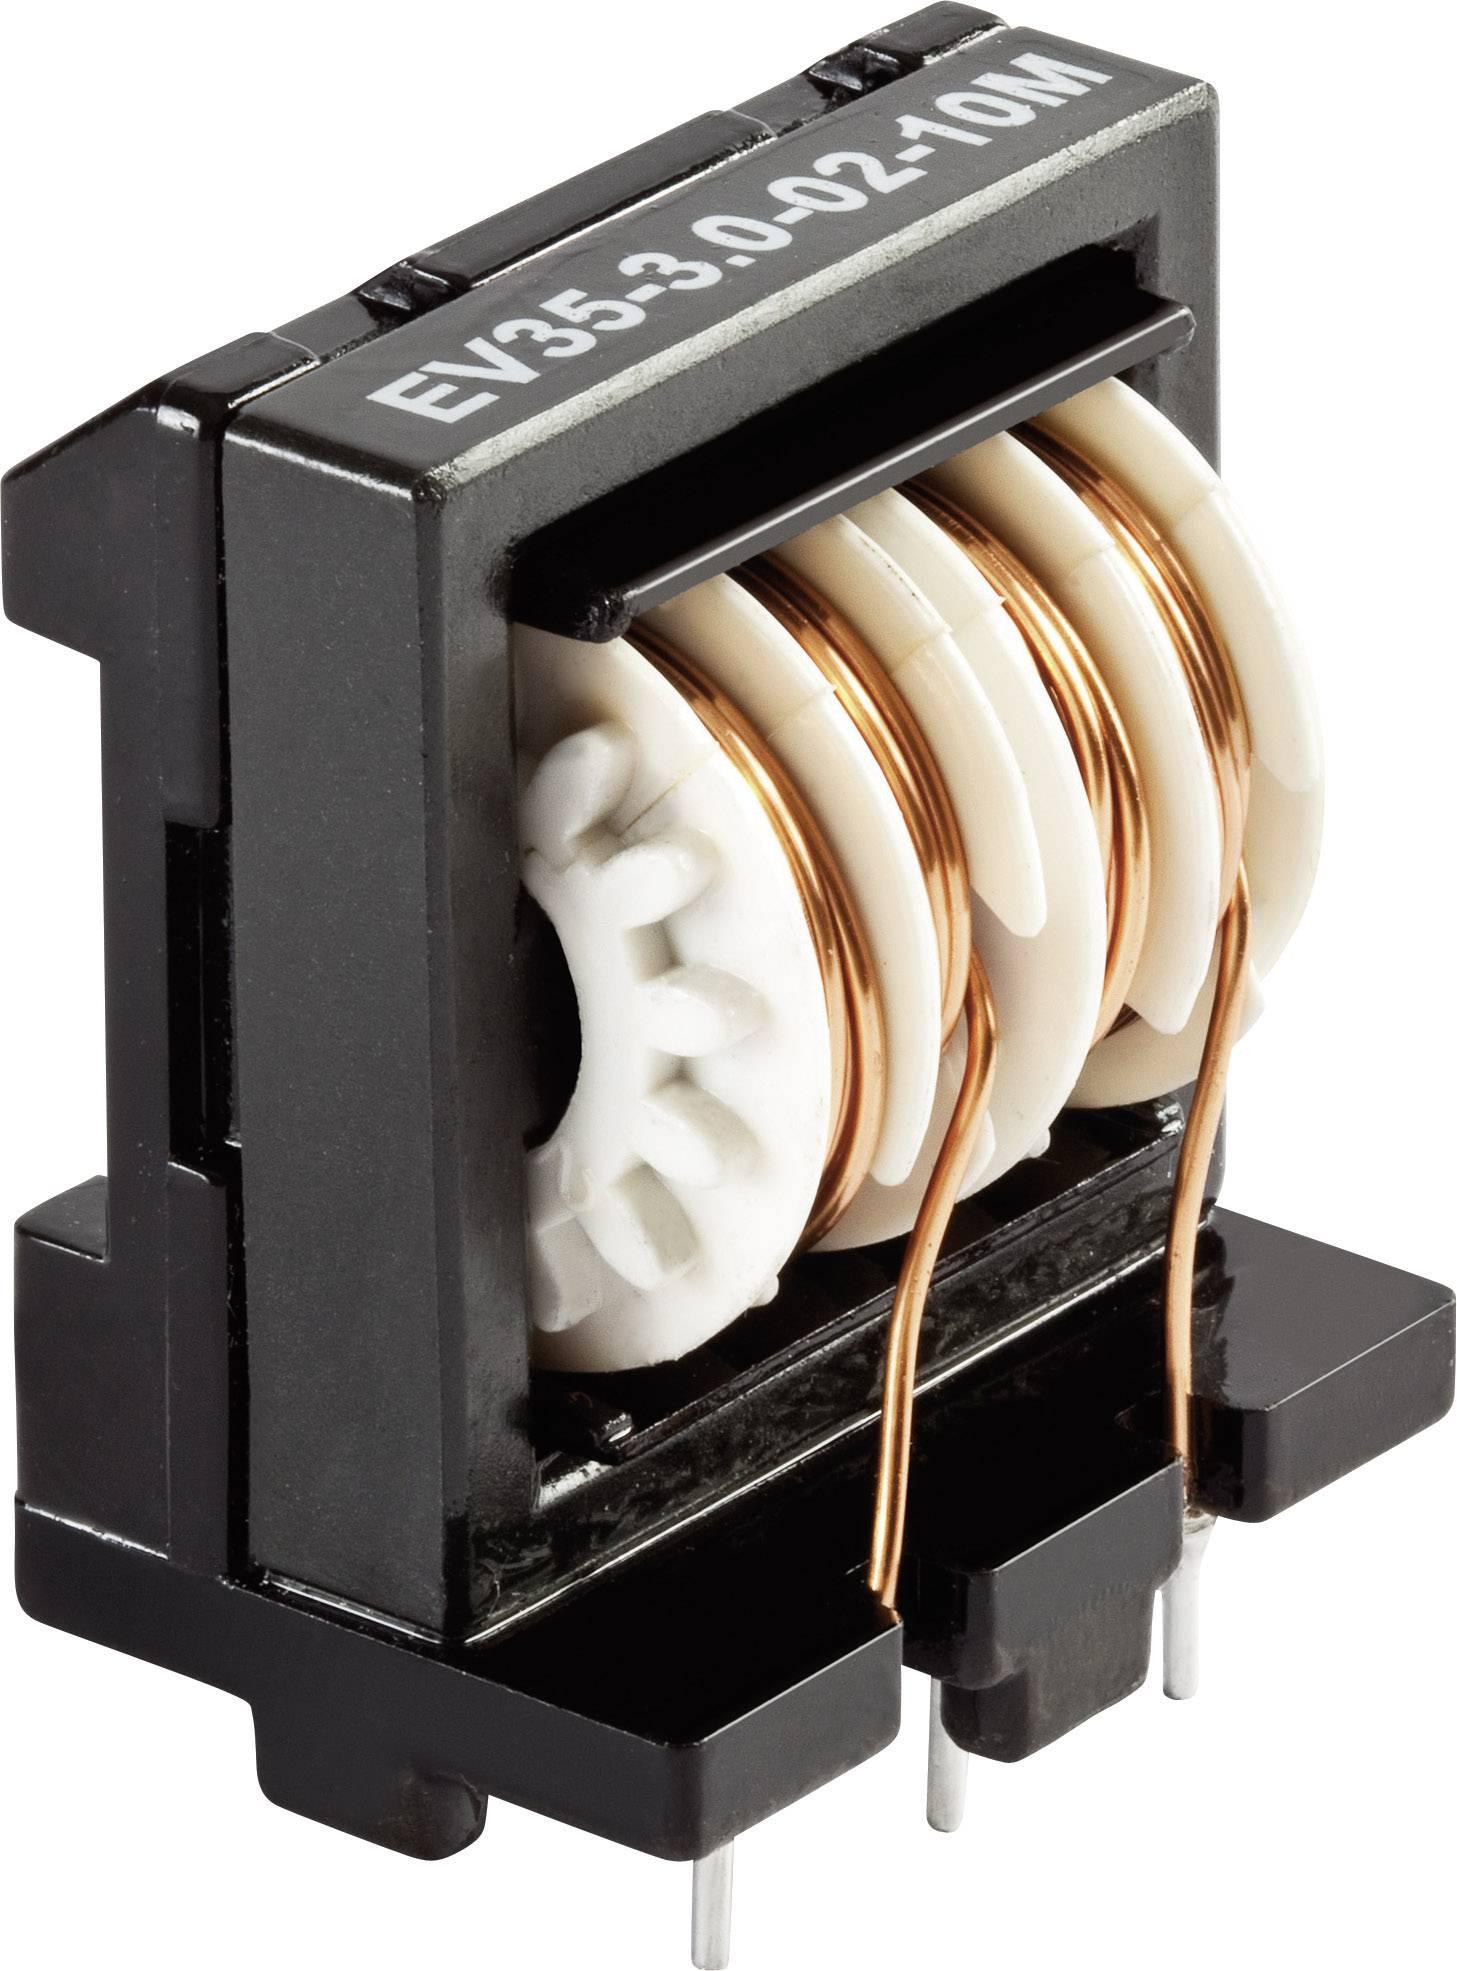 Odrušovací filter Schaffner EV20-2,0-02-0M8 EV20-2,0-02-0M8, 250 V/AC, 2 A, 0.82 mH, (d x š x v) 21 x 16 x 25 mm, 1 ks